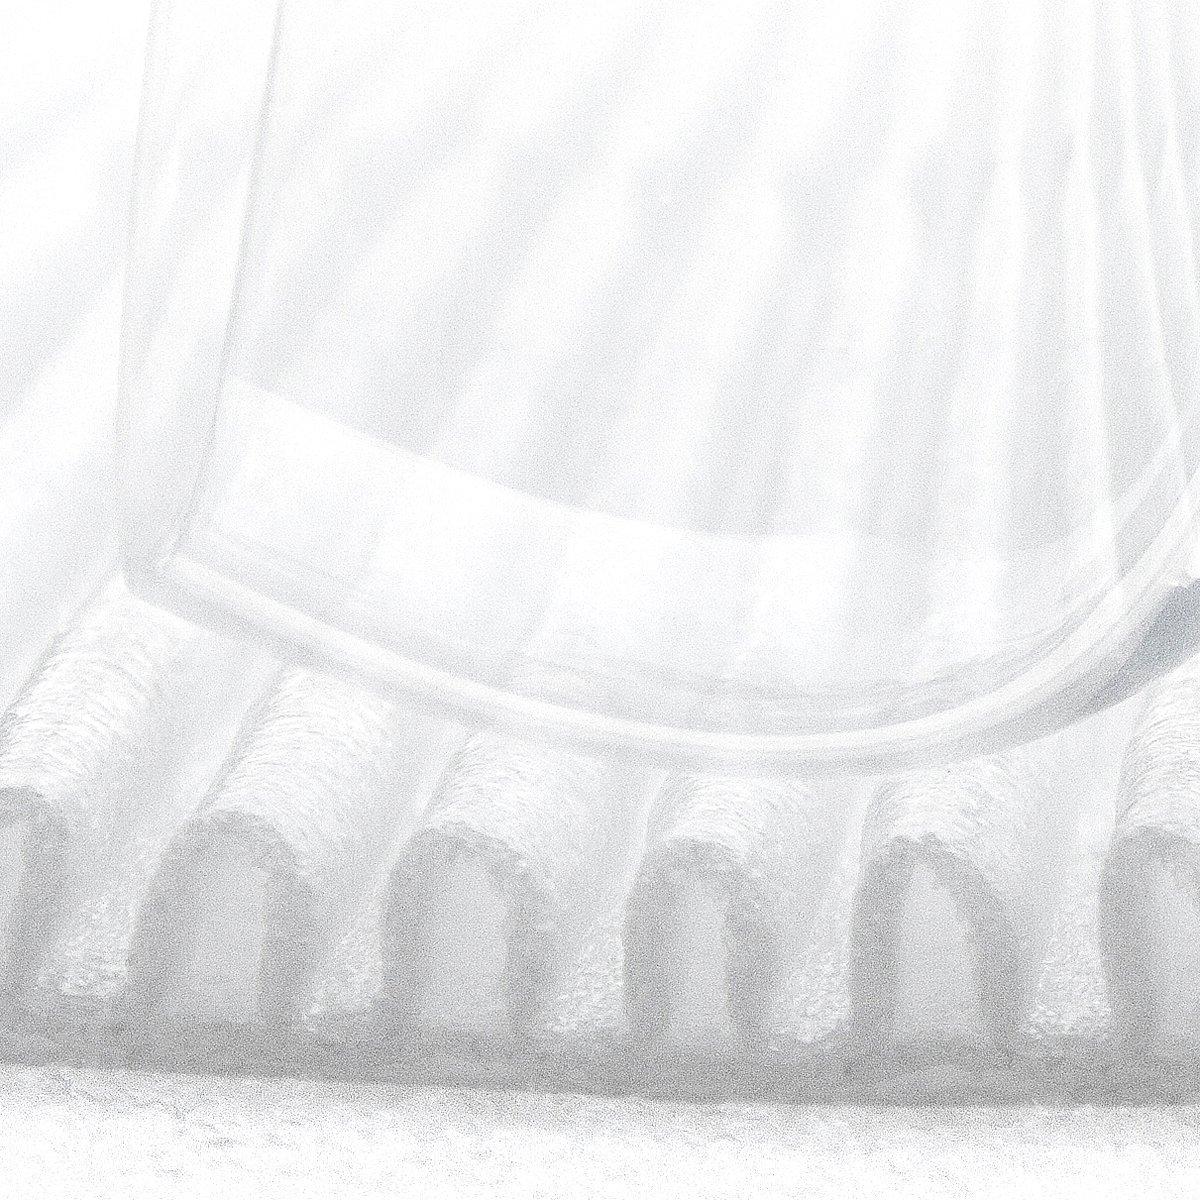 Mondaplen Wrap by G2C es la pr/óxima generaci/ón de envoltura de burbujas espuma corrugada con excelente protecci/ón para art/ículos fr/ágiles 3.5 mx 45 cm